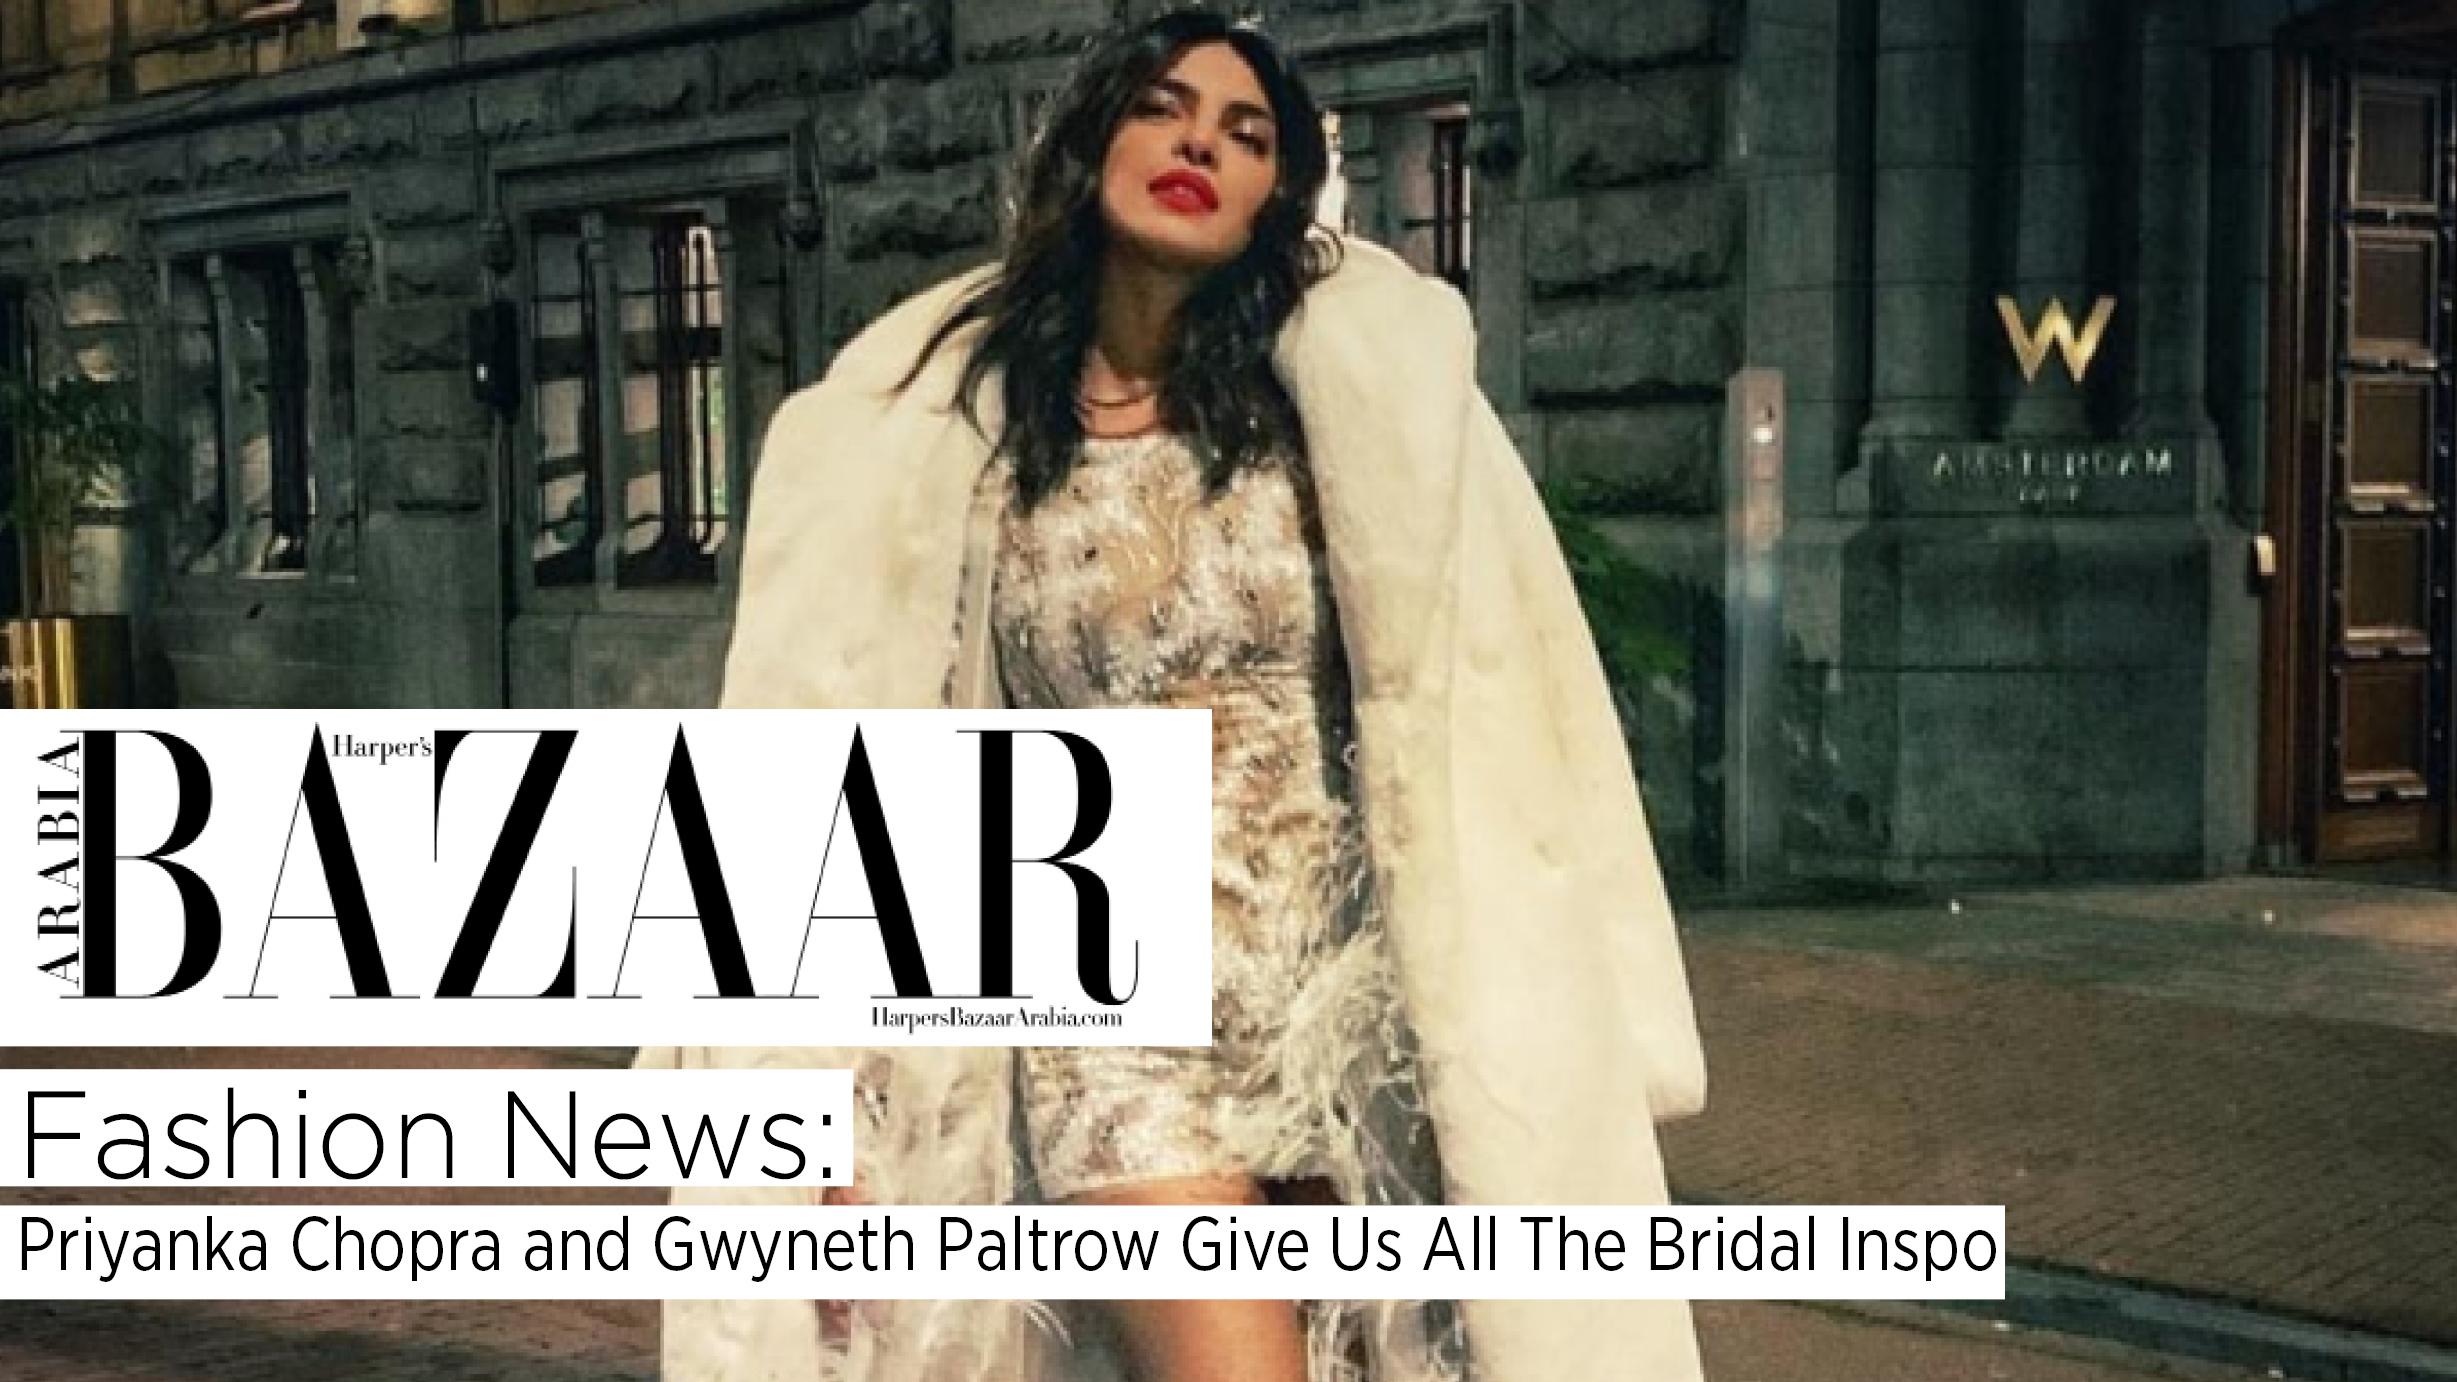 Watch: Fashion News | Priyanka Chopra And Gwyneth Paltrow Give Us All The Bridal Inspo